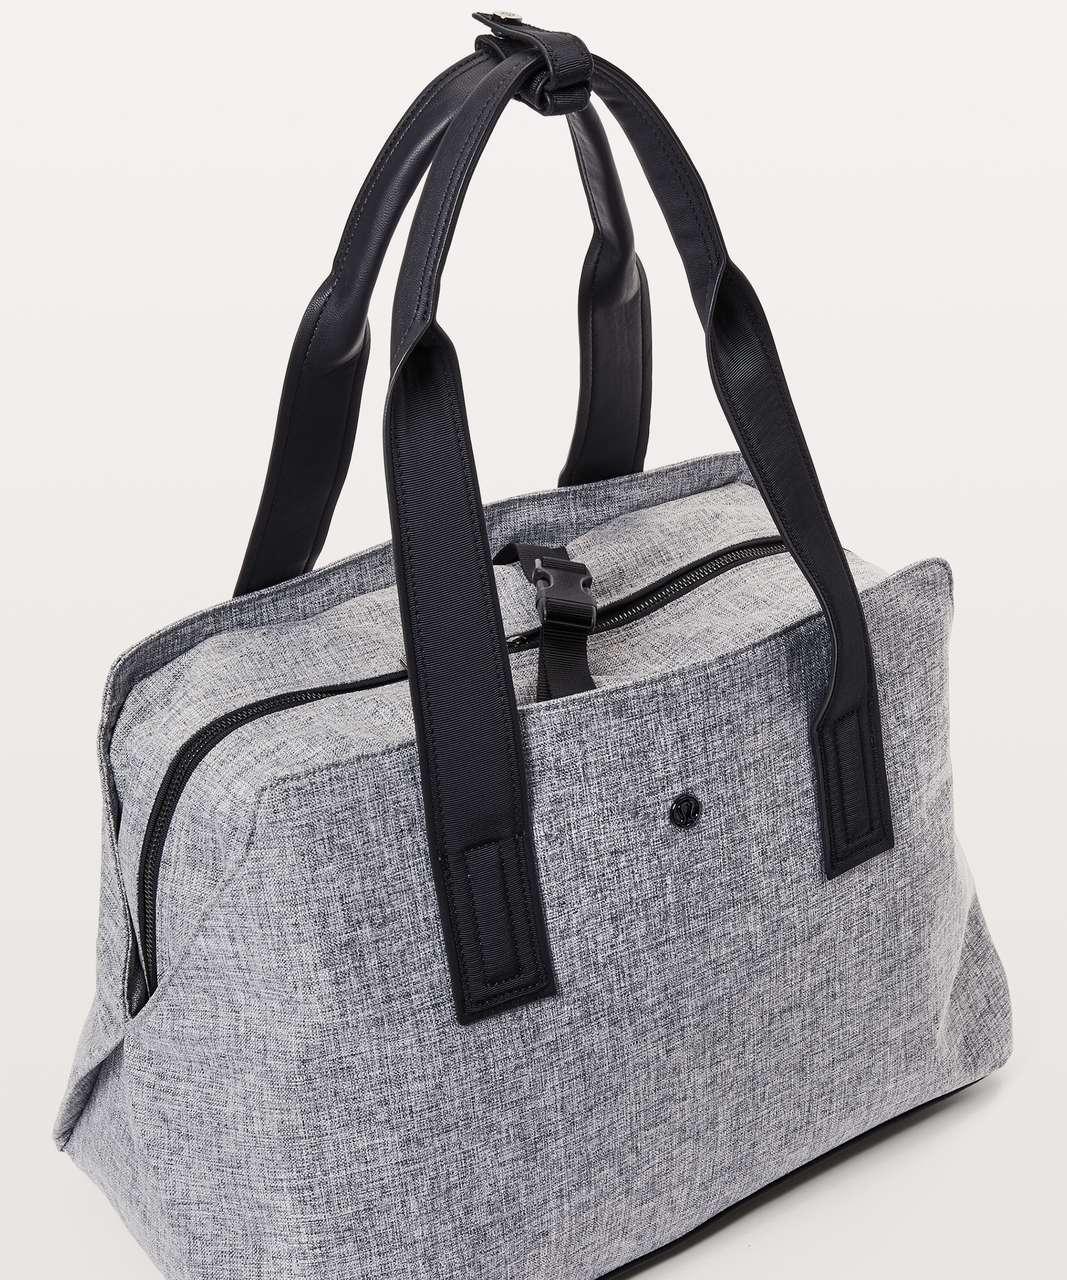 Lululemon Go Getter Bag Heatproof Pocket 26l Heathered Black